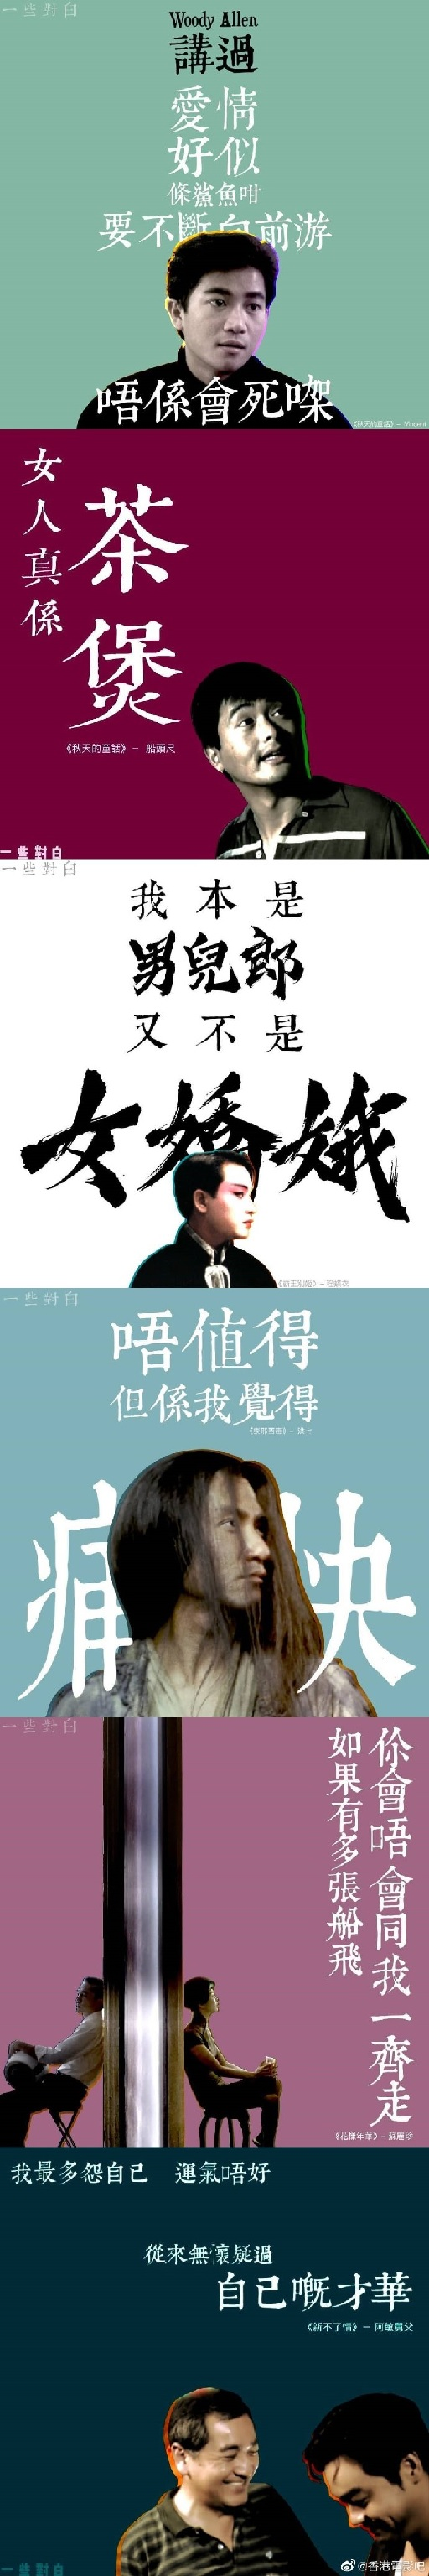 香港映画と台詞1